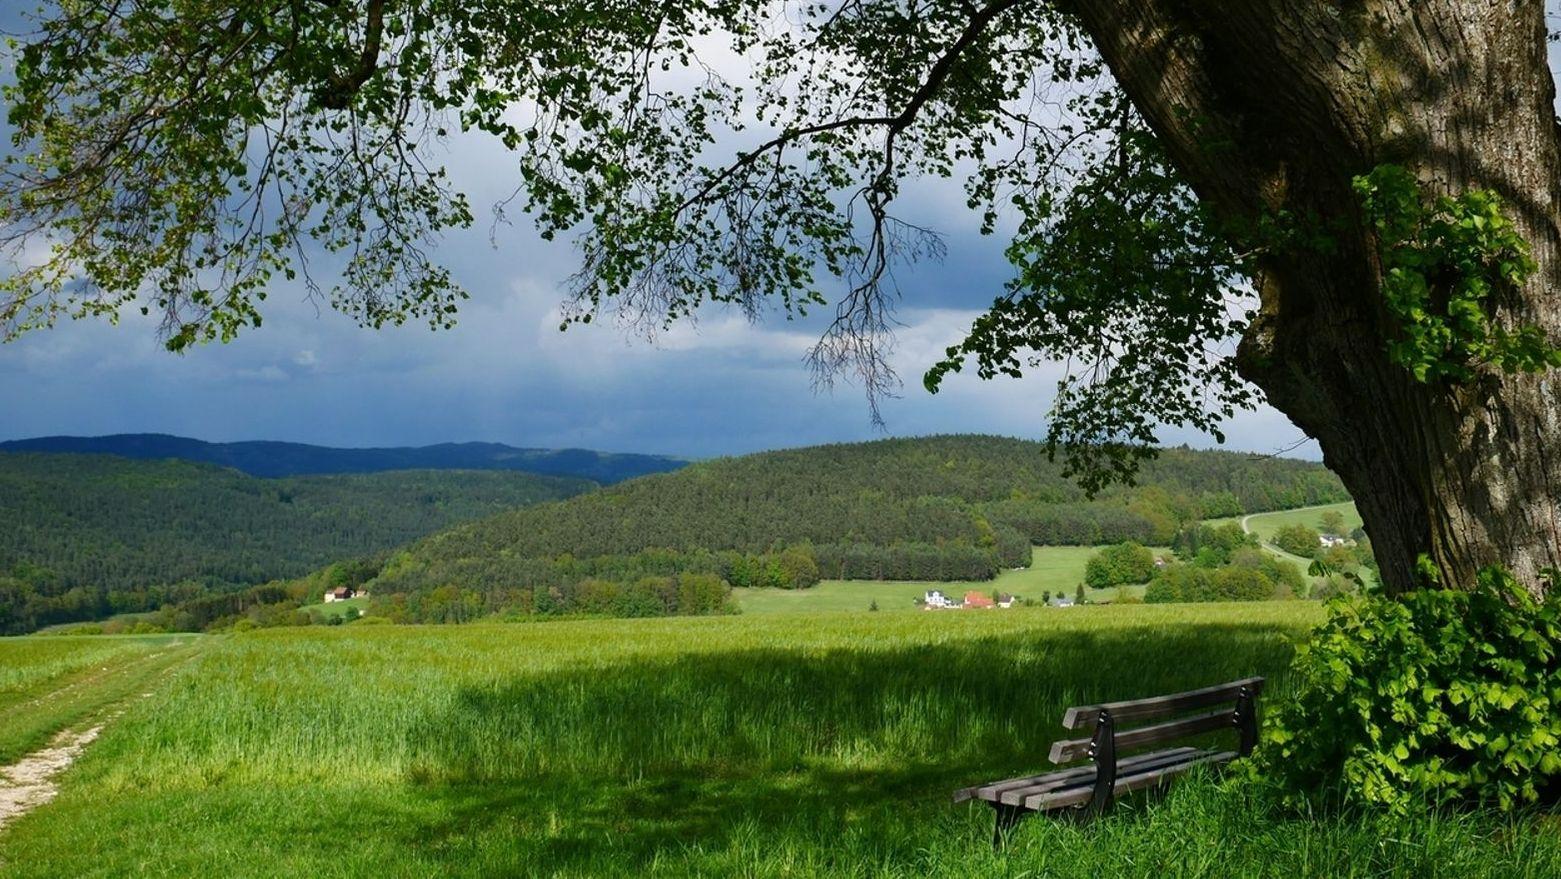 Bewaldete Landschaft im Frankenwald, im Vordergrund eine Holzbank